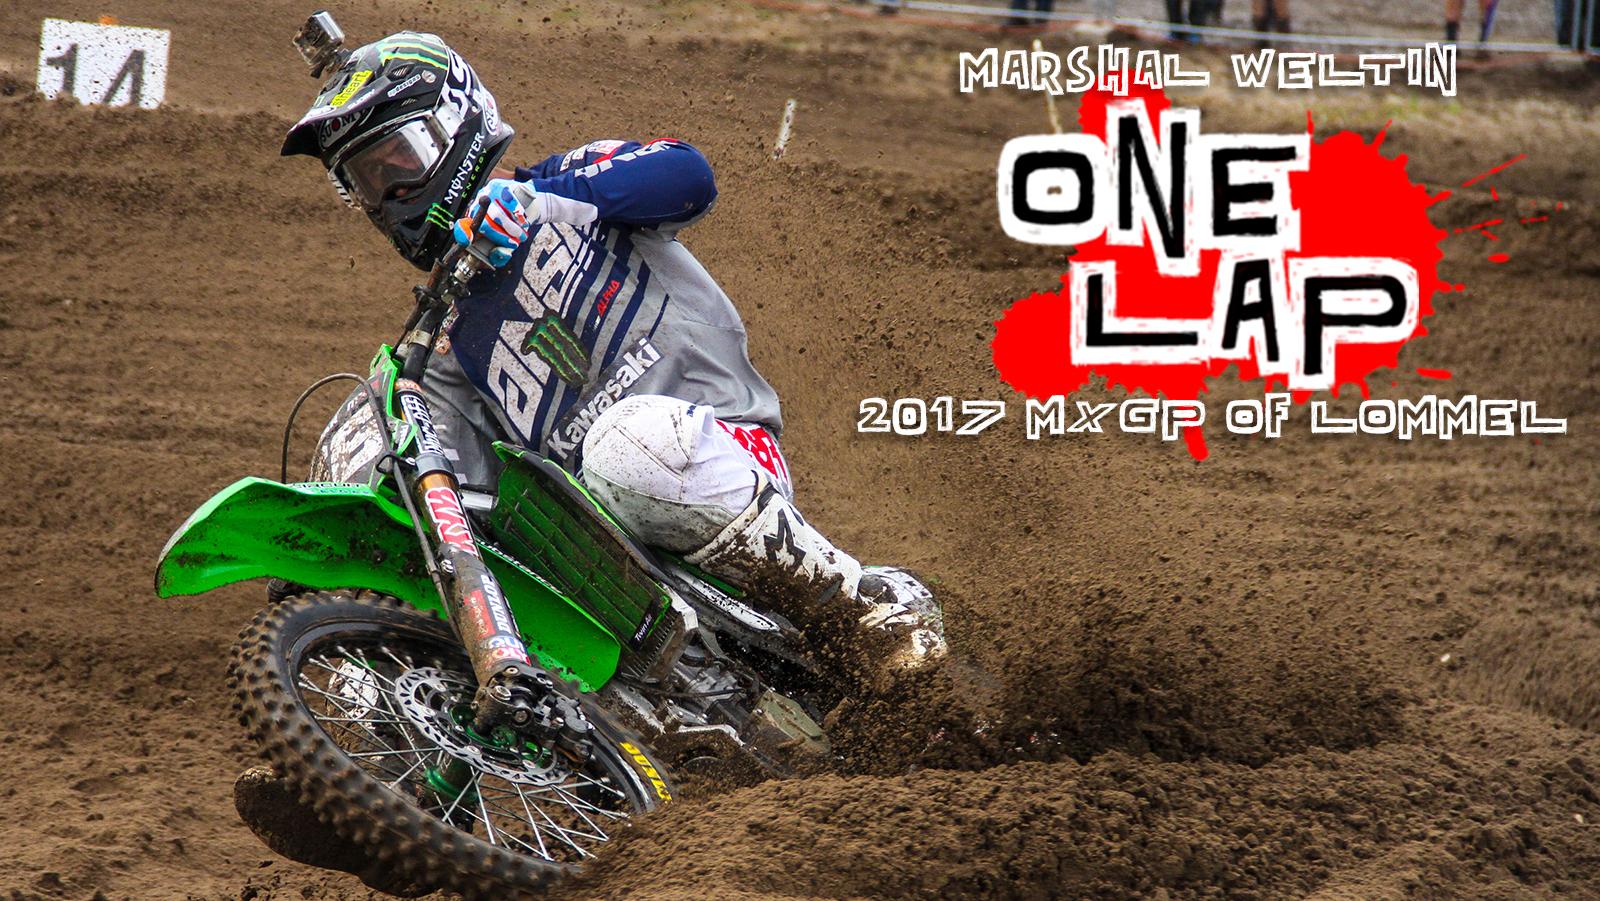 One Lap: Marshal Weltin - 2017 MXGP of Lommel